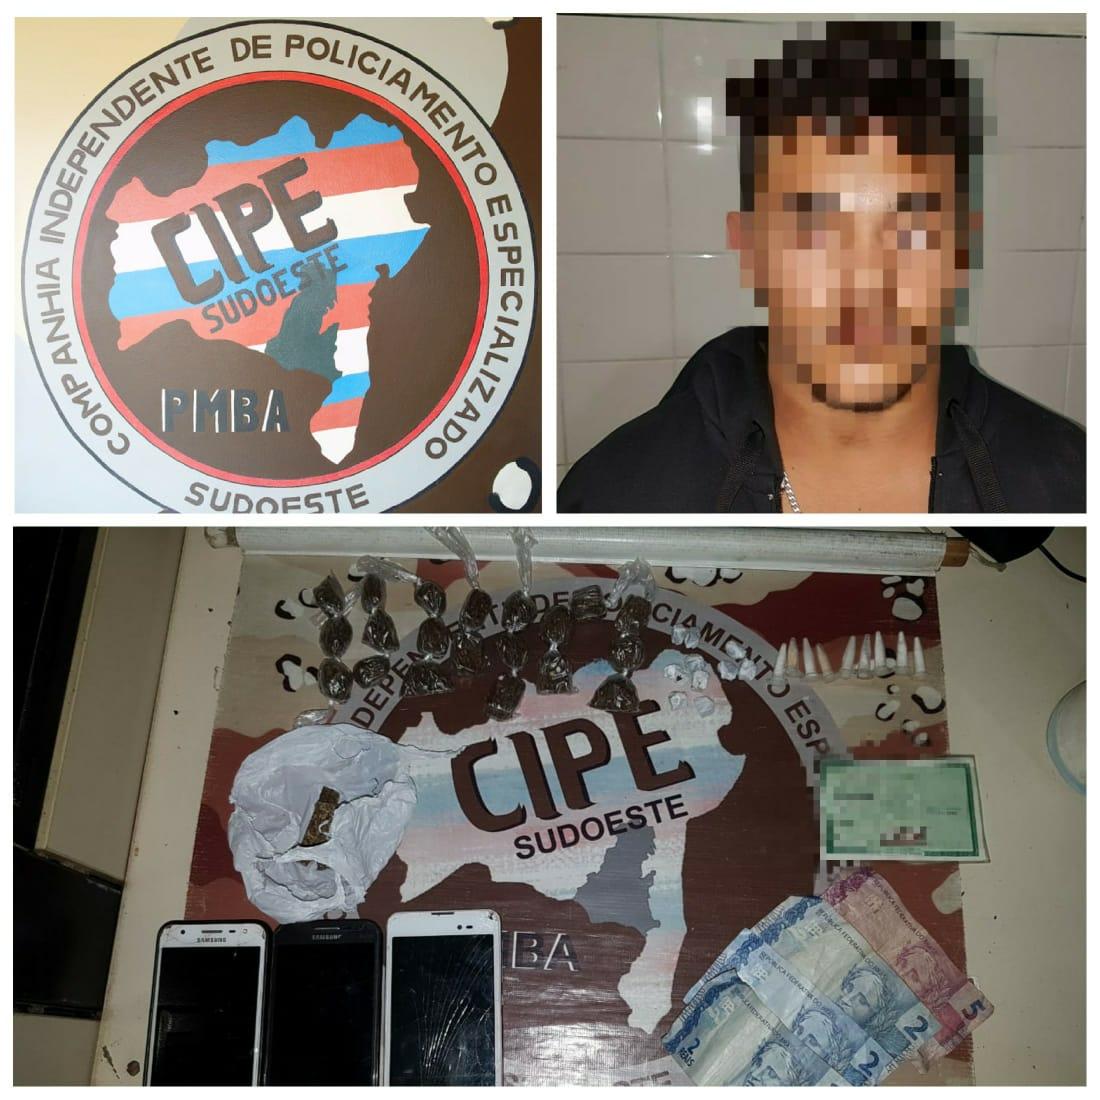 Suspeitos de tráfico de drogas são presos em Jânio Quadros